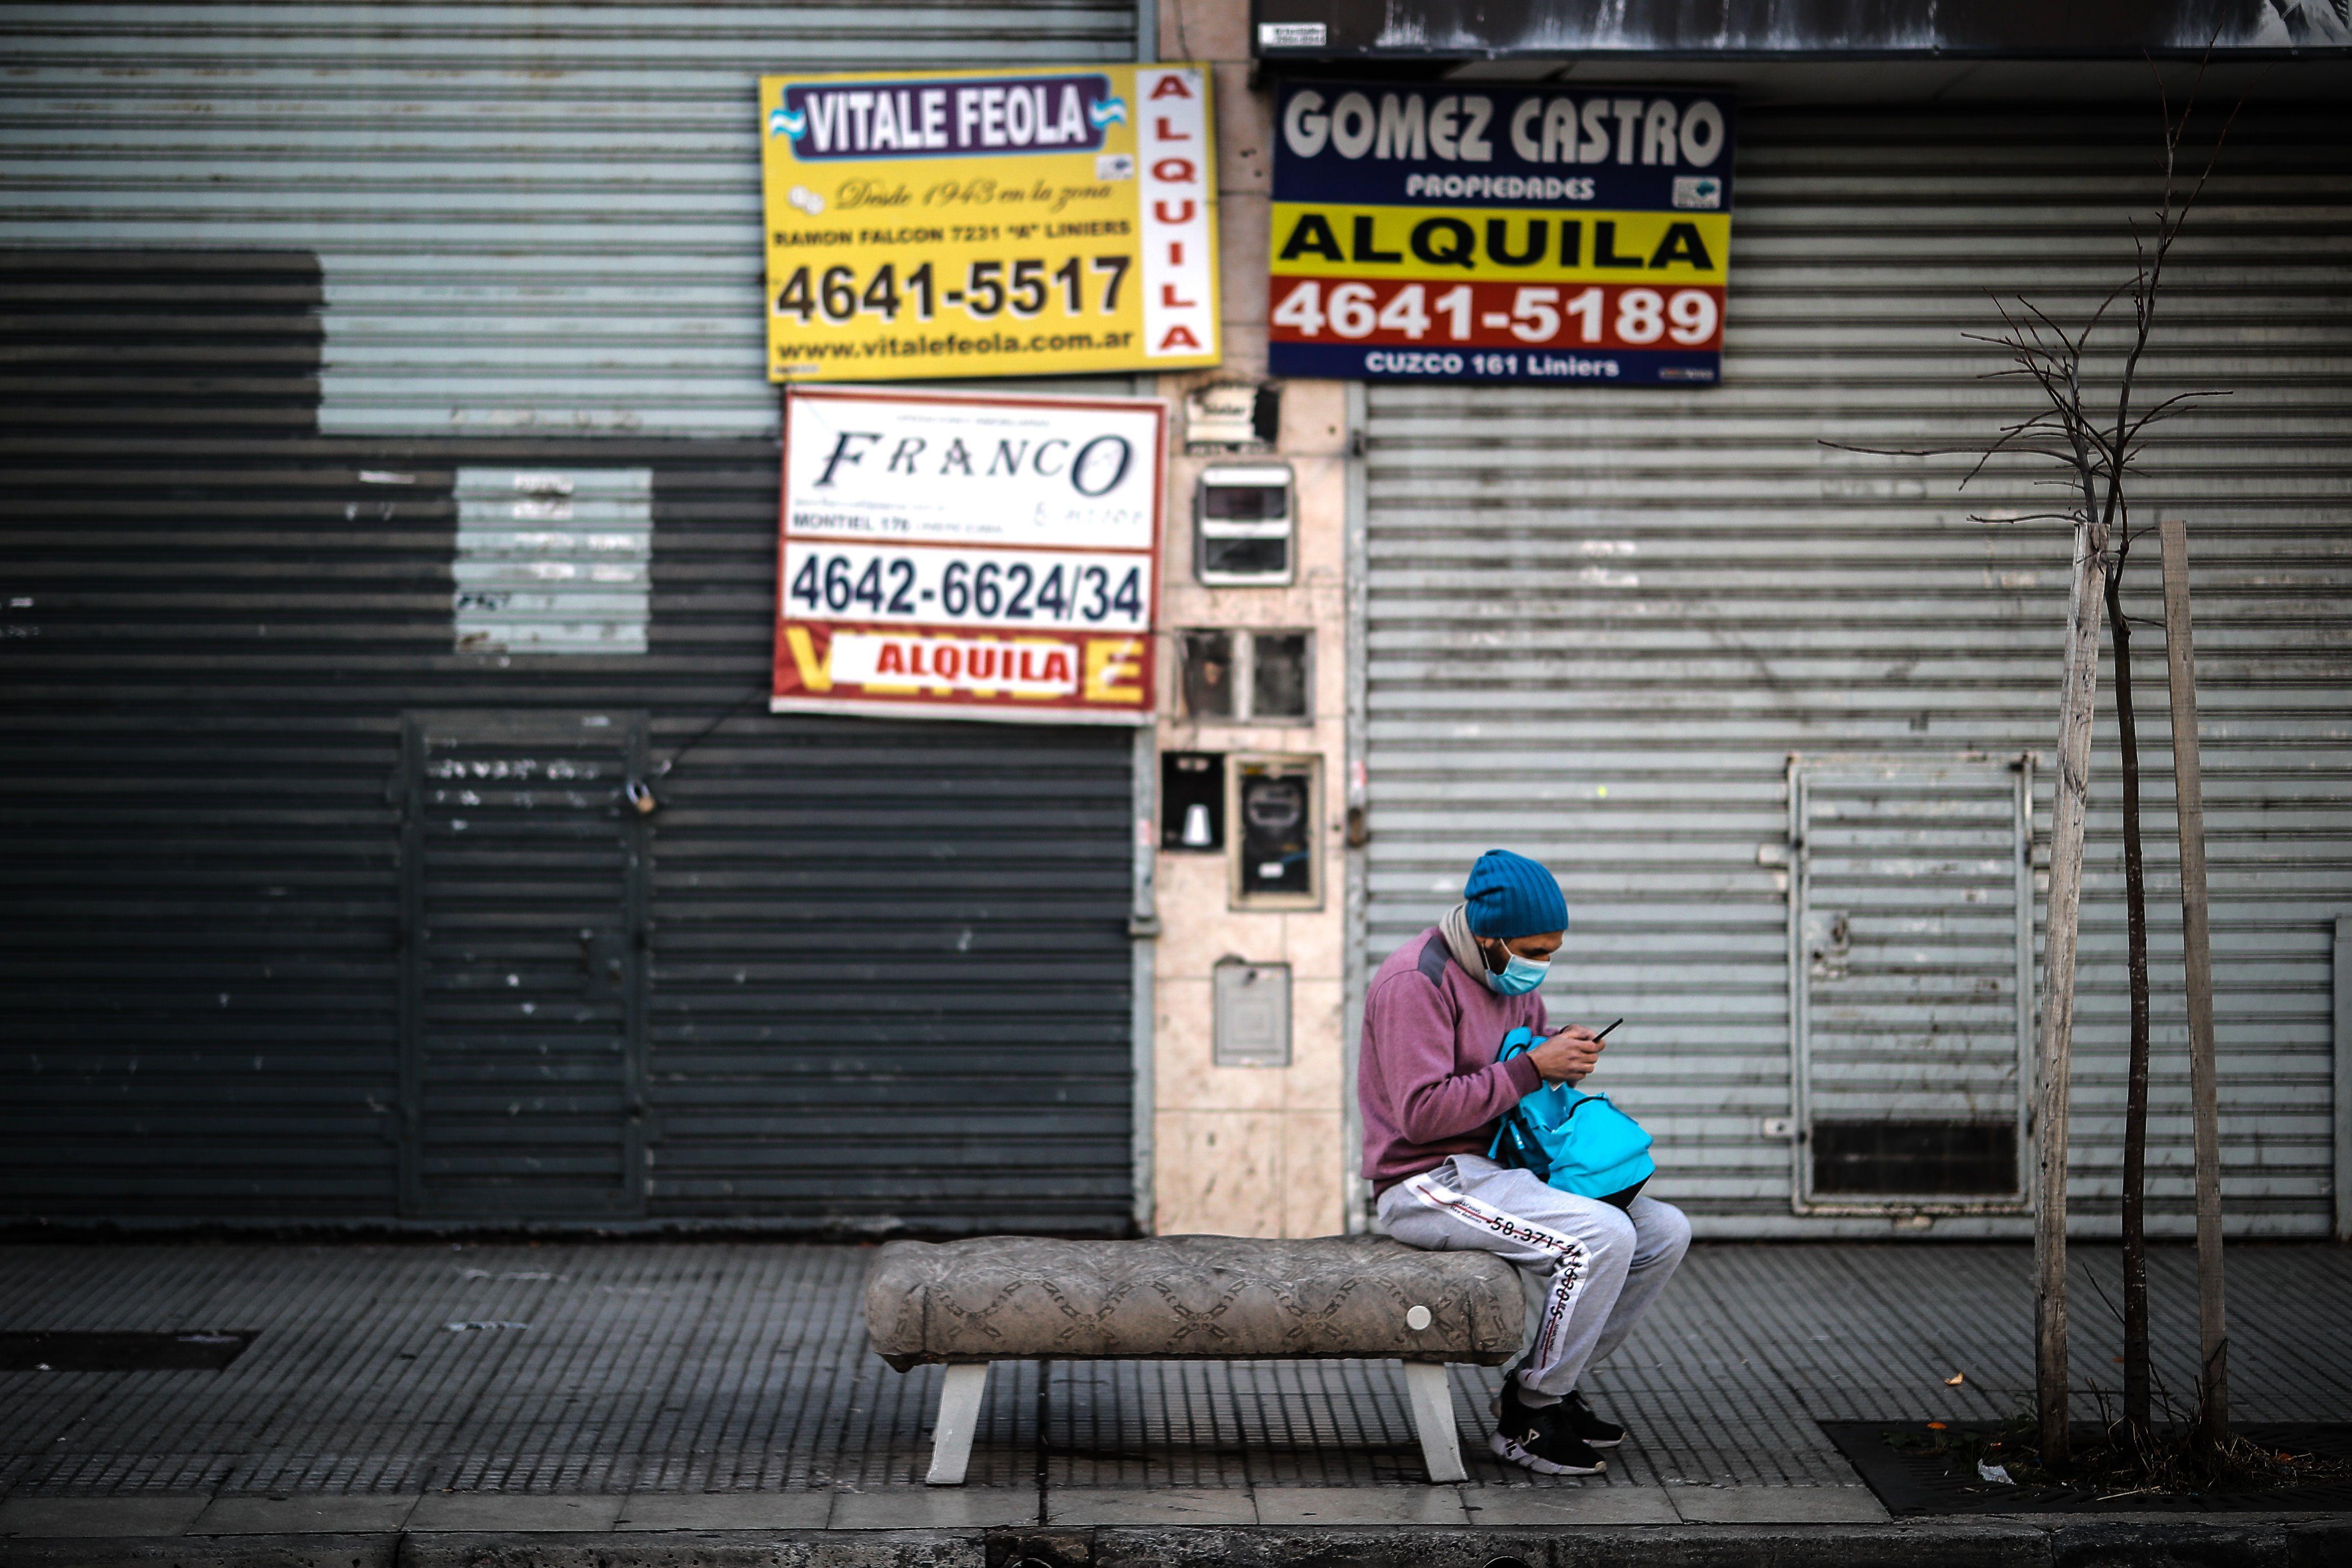 Un hombre revisa su celular frente a locales comerciales cerrados en Buenos Aires (Argentina). EFE/ Juan Ignacio Roncoroni